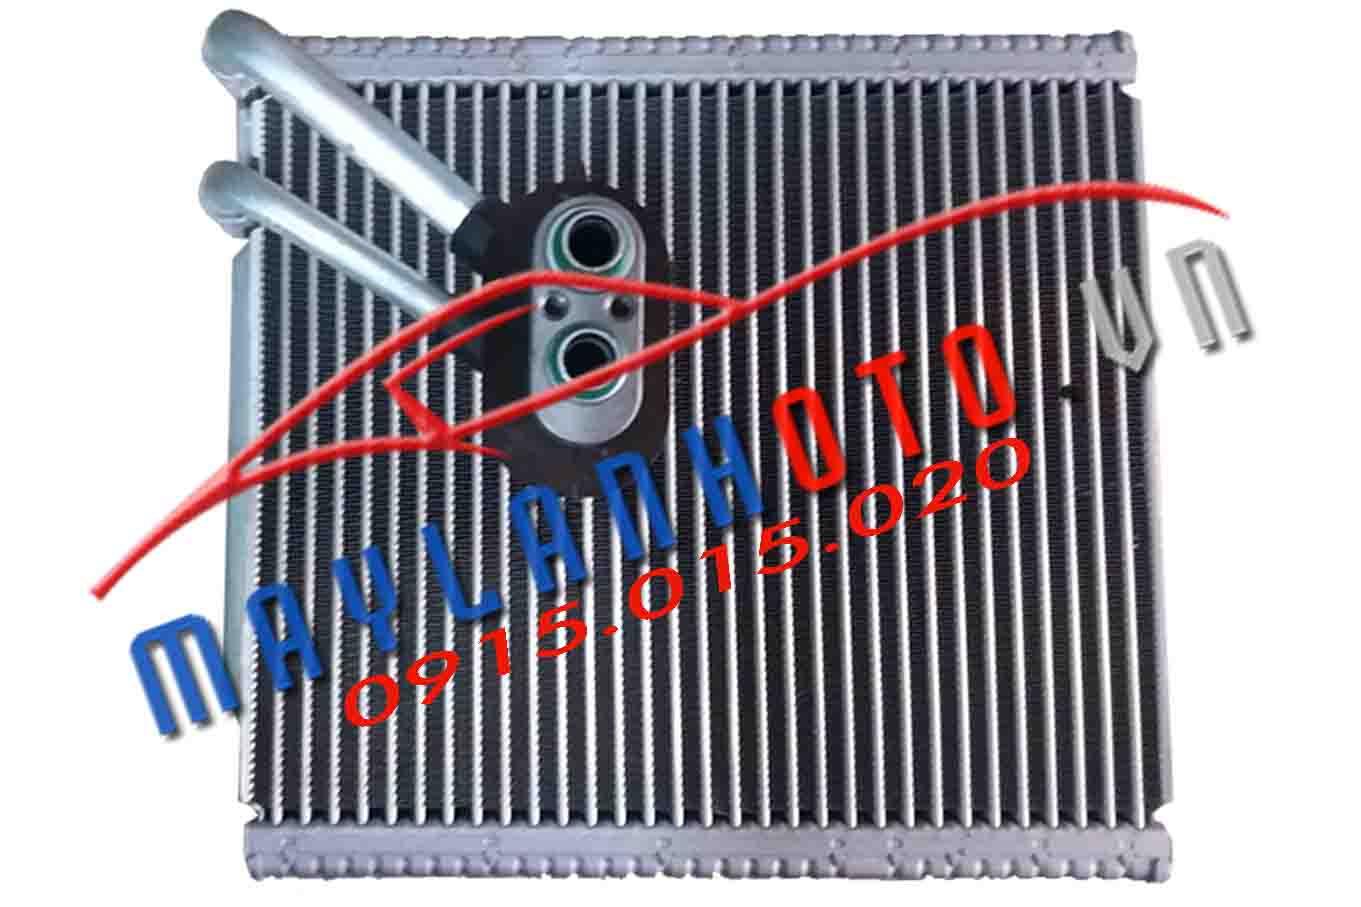 Hyundai SantaFe 12-16 / Dàn lạnh Hyundai SantaFe 2012-2016 / Giàn lạnh Hyundai SantaFe 2012-2016